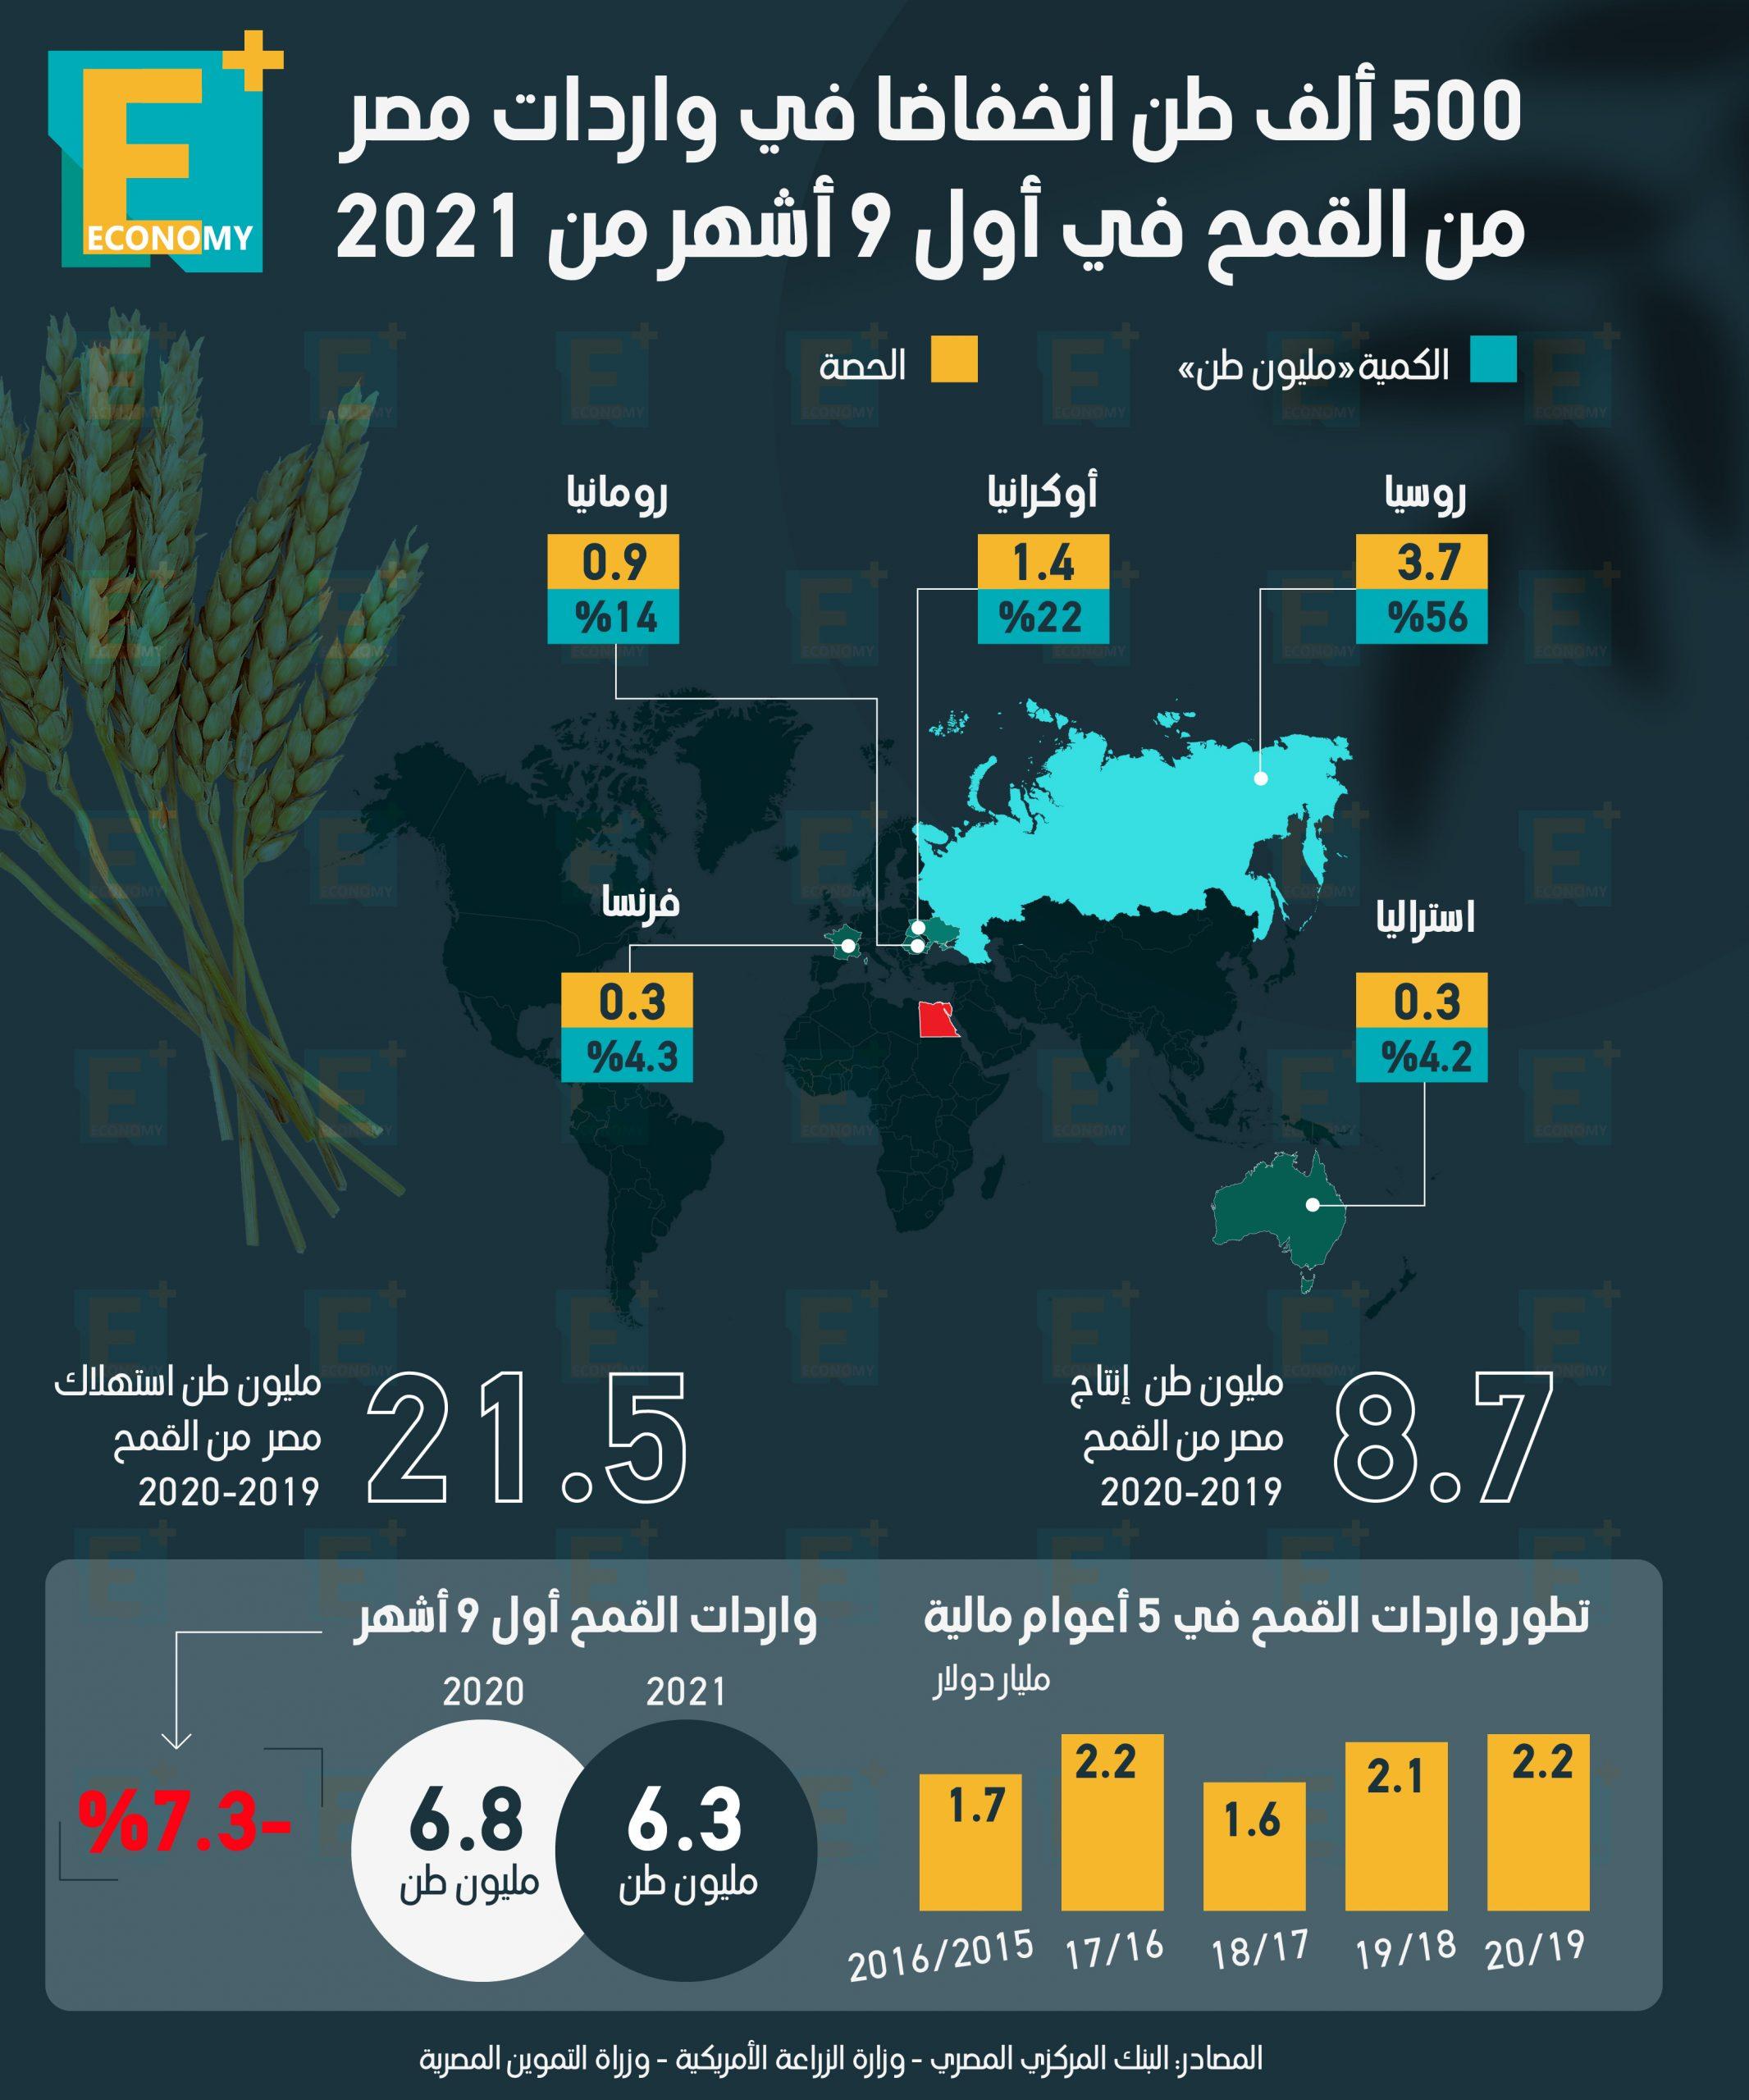 500 ألف طن انخفاضا في واردات مصر من القمح خلال أول 9 أشهر من 2021